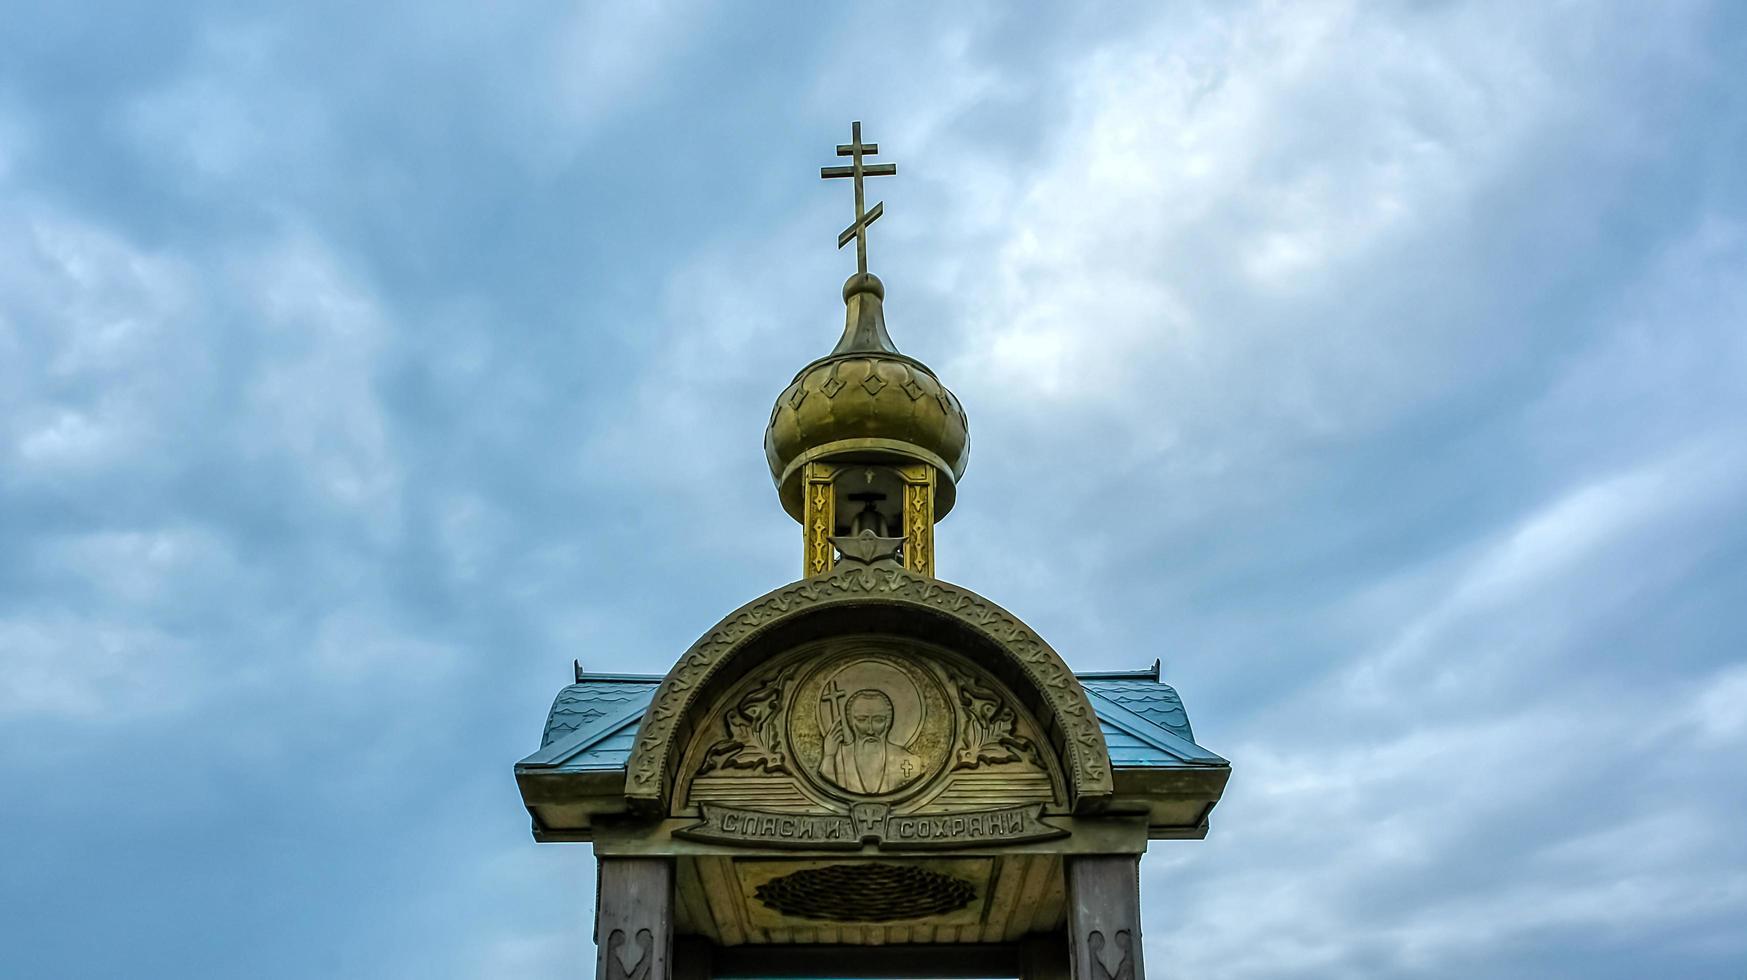 una cappella di legno sullo sfondo del cielo nuvoloso. foto